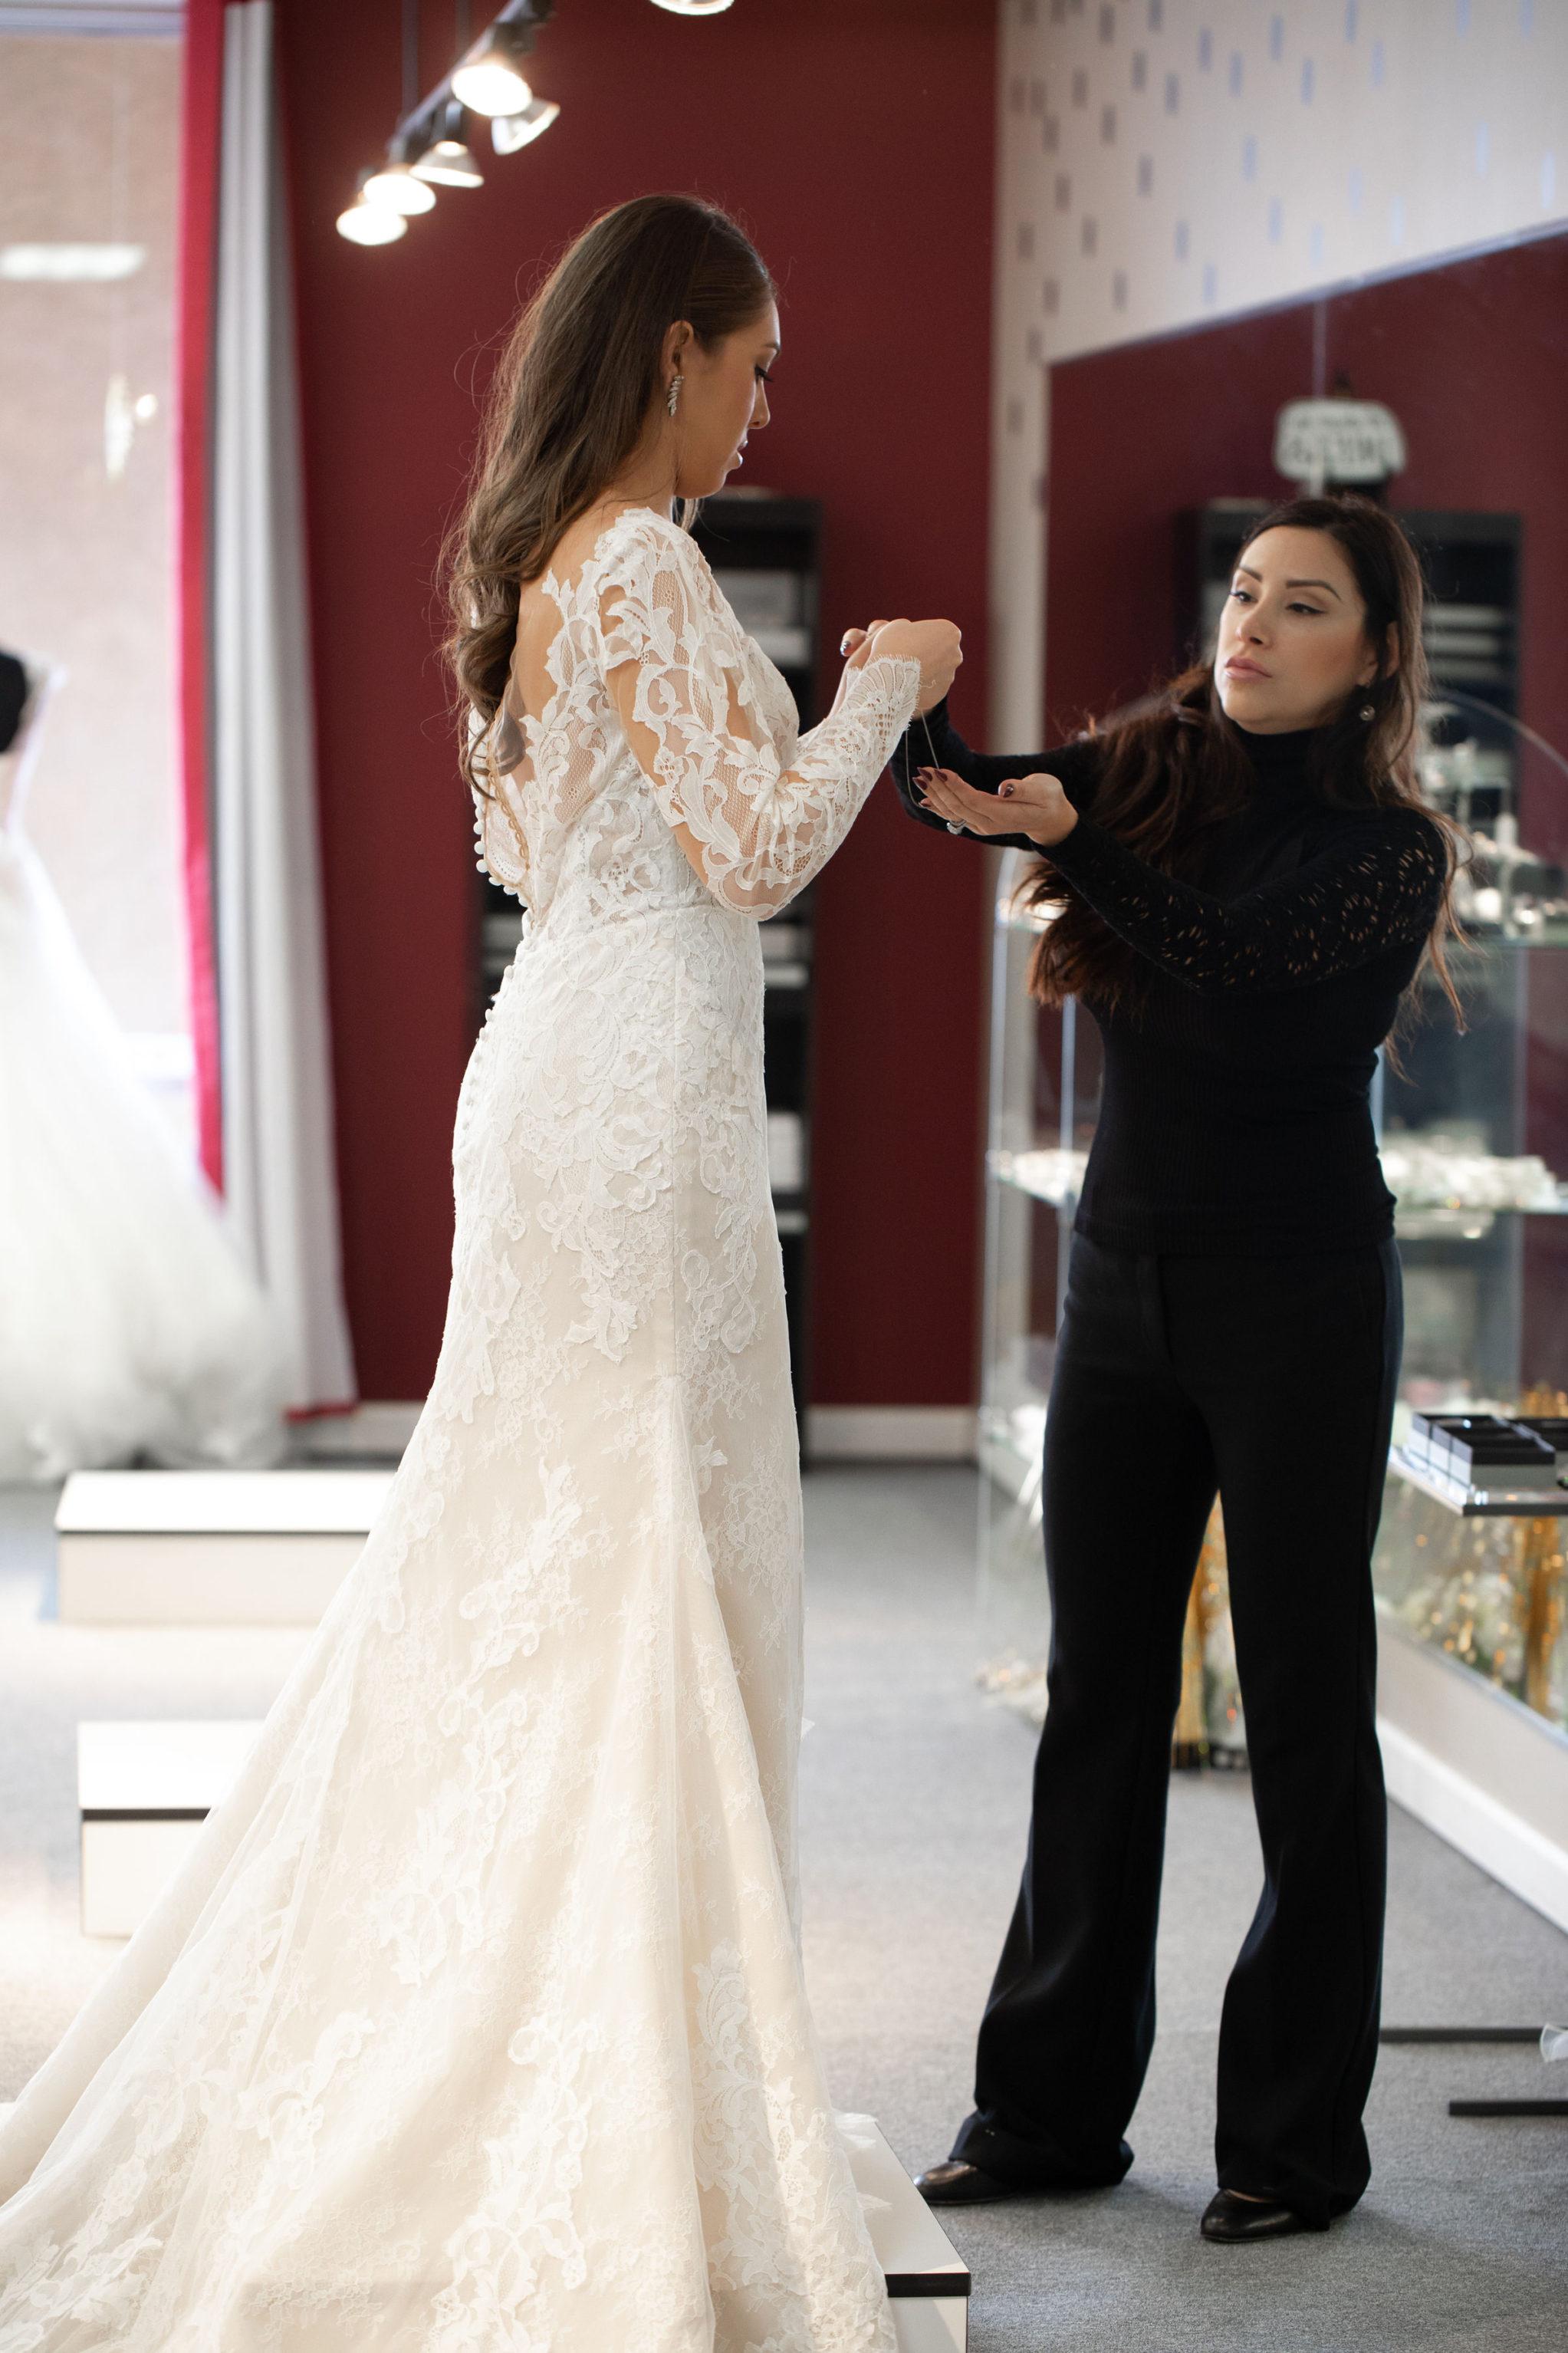 Ready To Wear Wedding Dress Store Garnet Grace Discount Designer Wedding Dresses,Blush Pink Ball Gown Wedding Dress